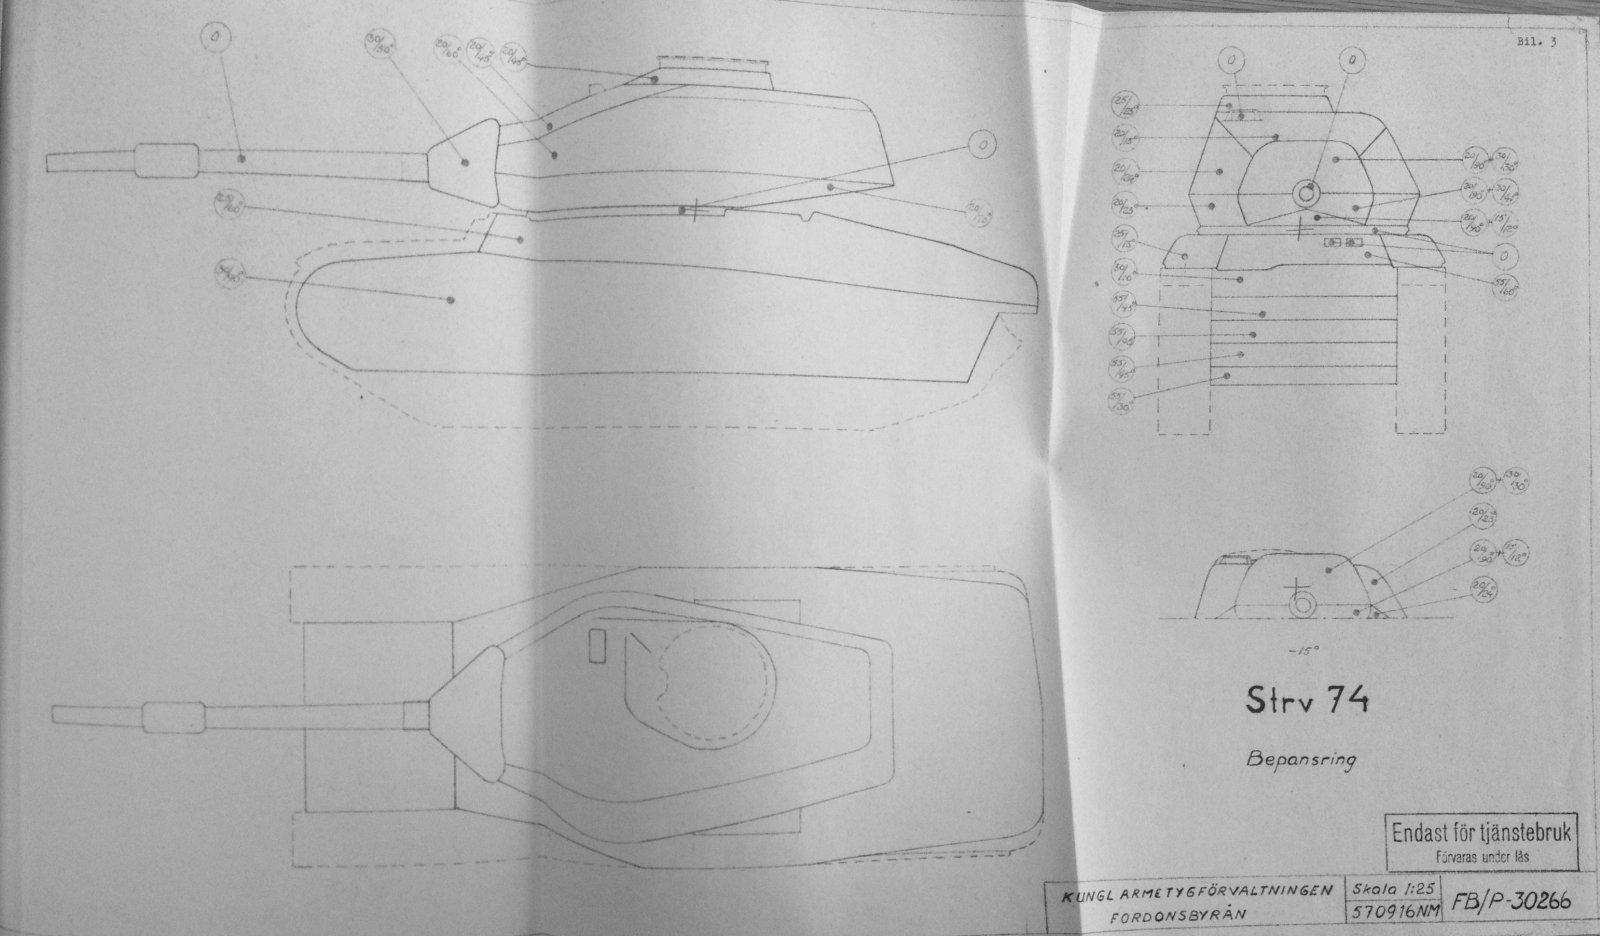 Strv_74_armor_scheme.jpg